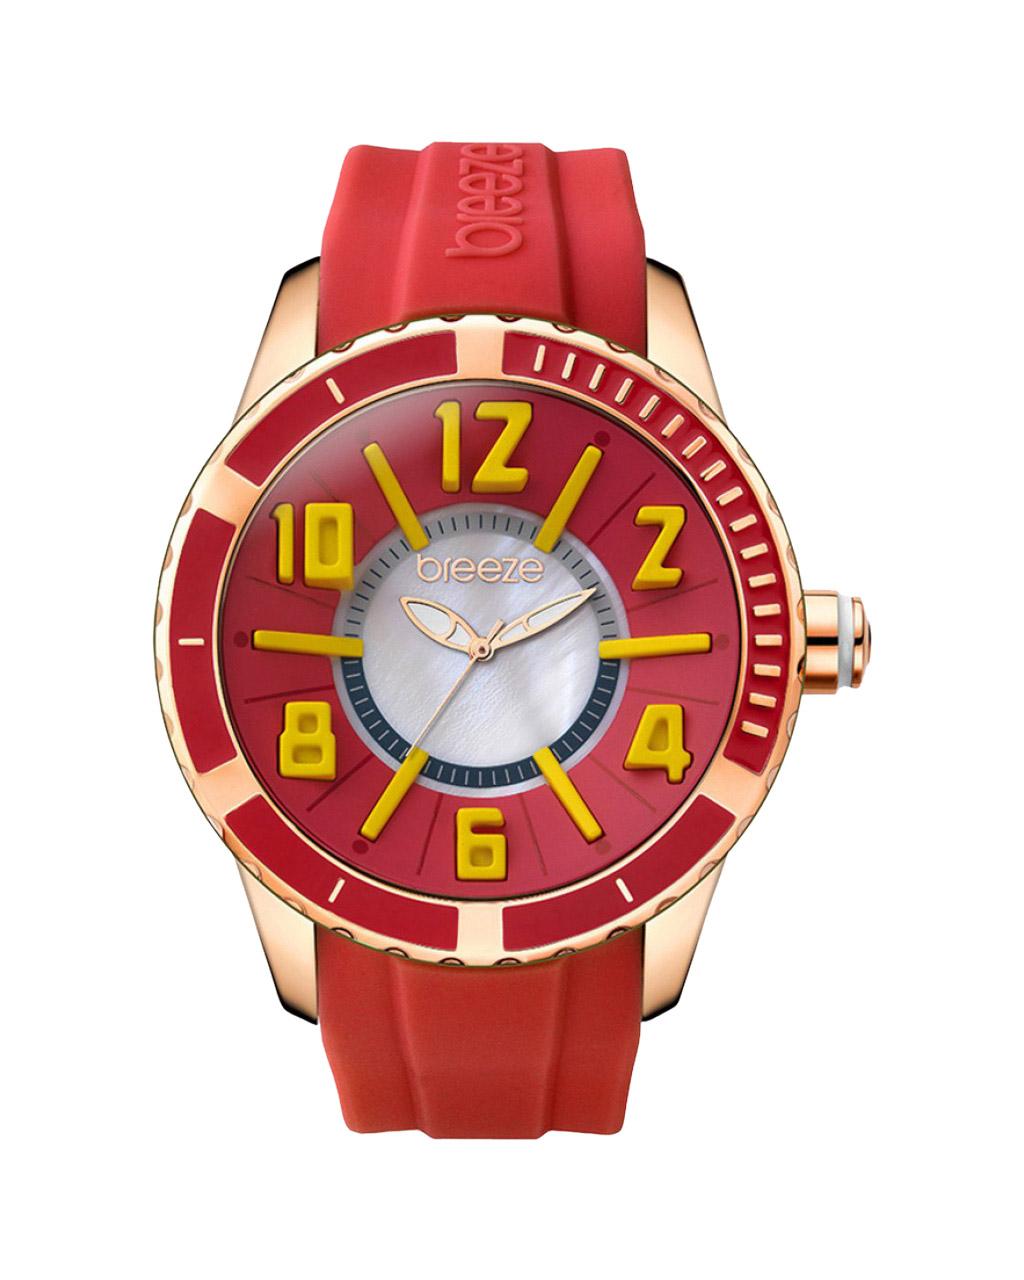 Ρολόι BREEZE 110141.16   προσφορεσ ρολόγια ρολόγια έως 100ε